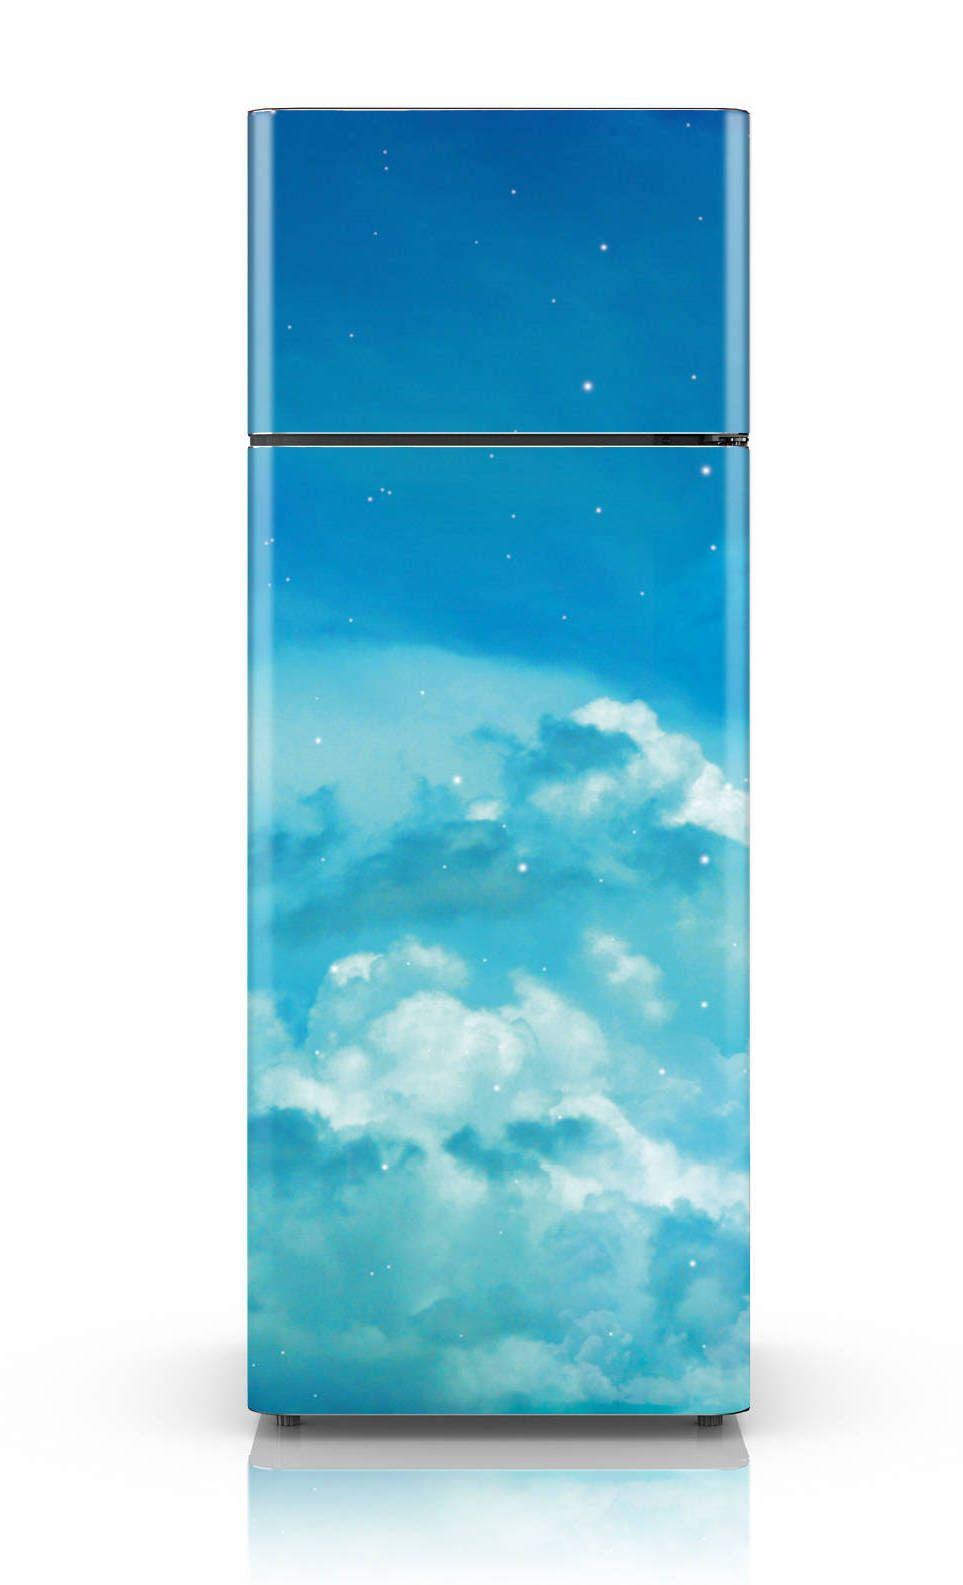 Geladeira envelopada com imagem do céu